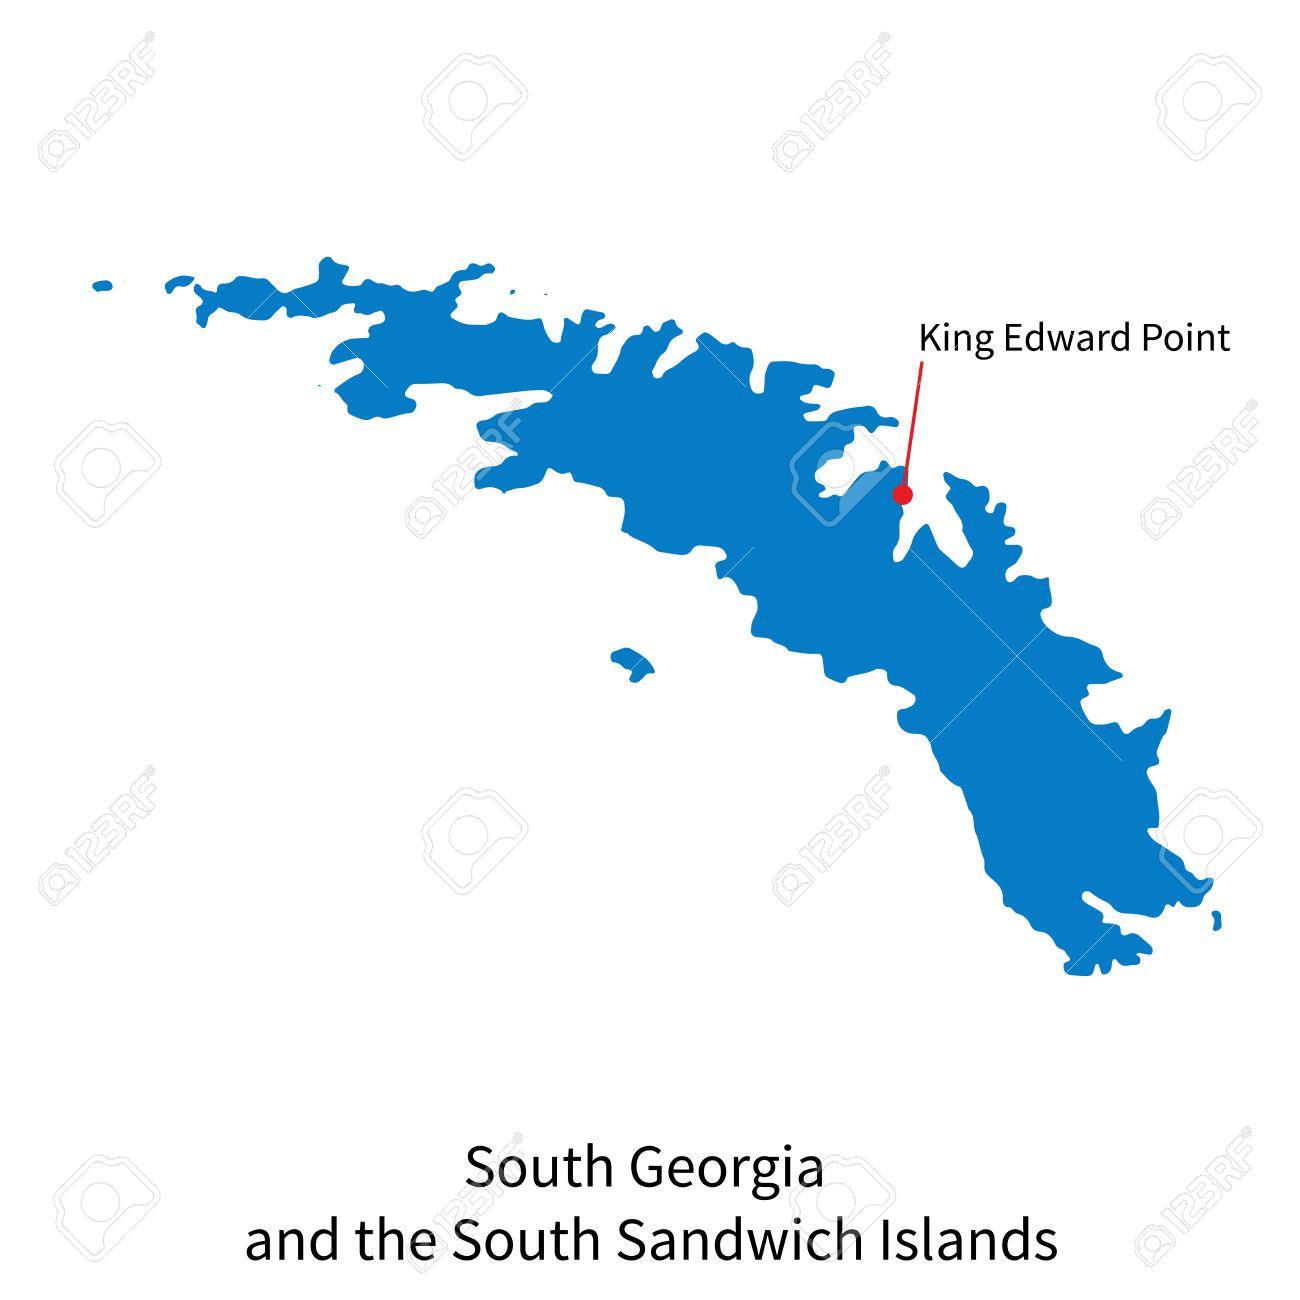 Mapa Detallado De Georgia Del Sur E Islas Sandwich Del Sur Y La - Mapa de georgia